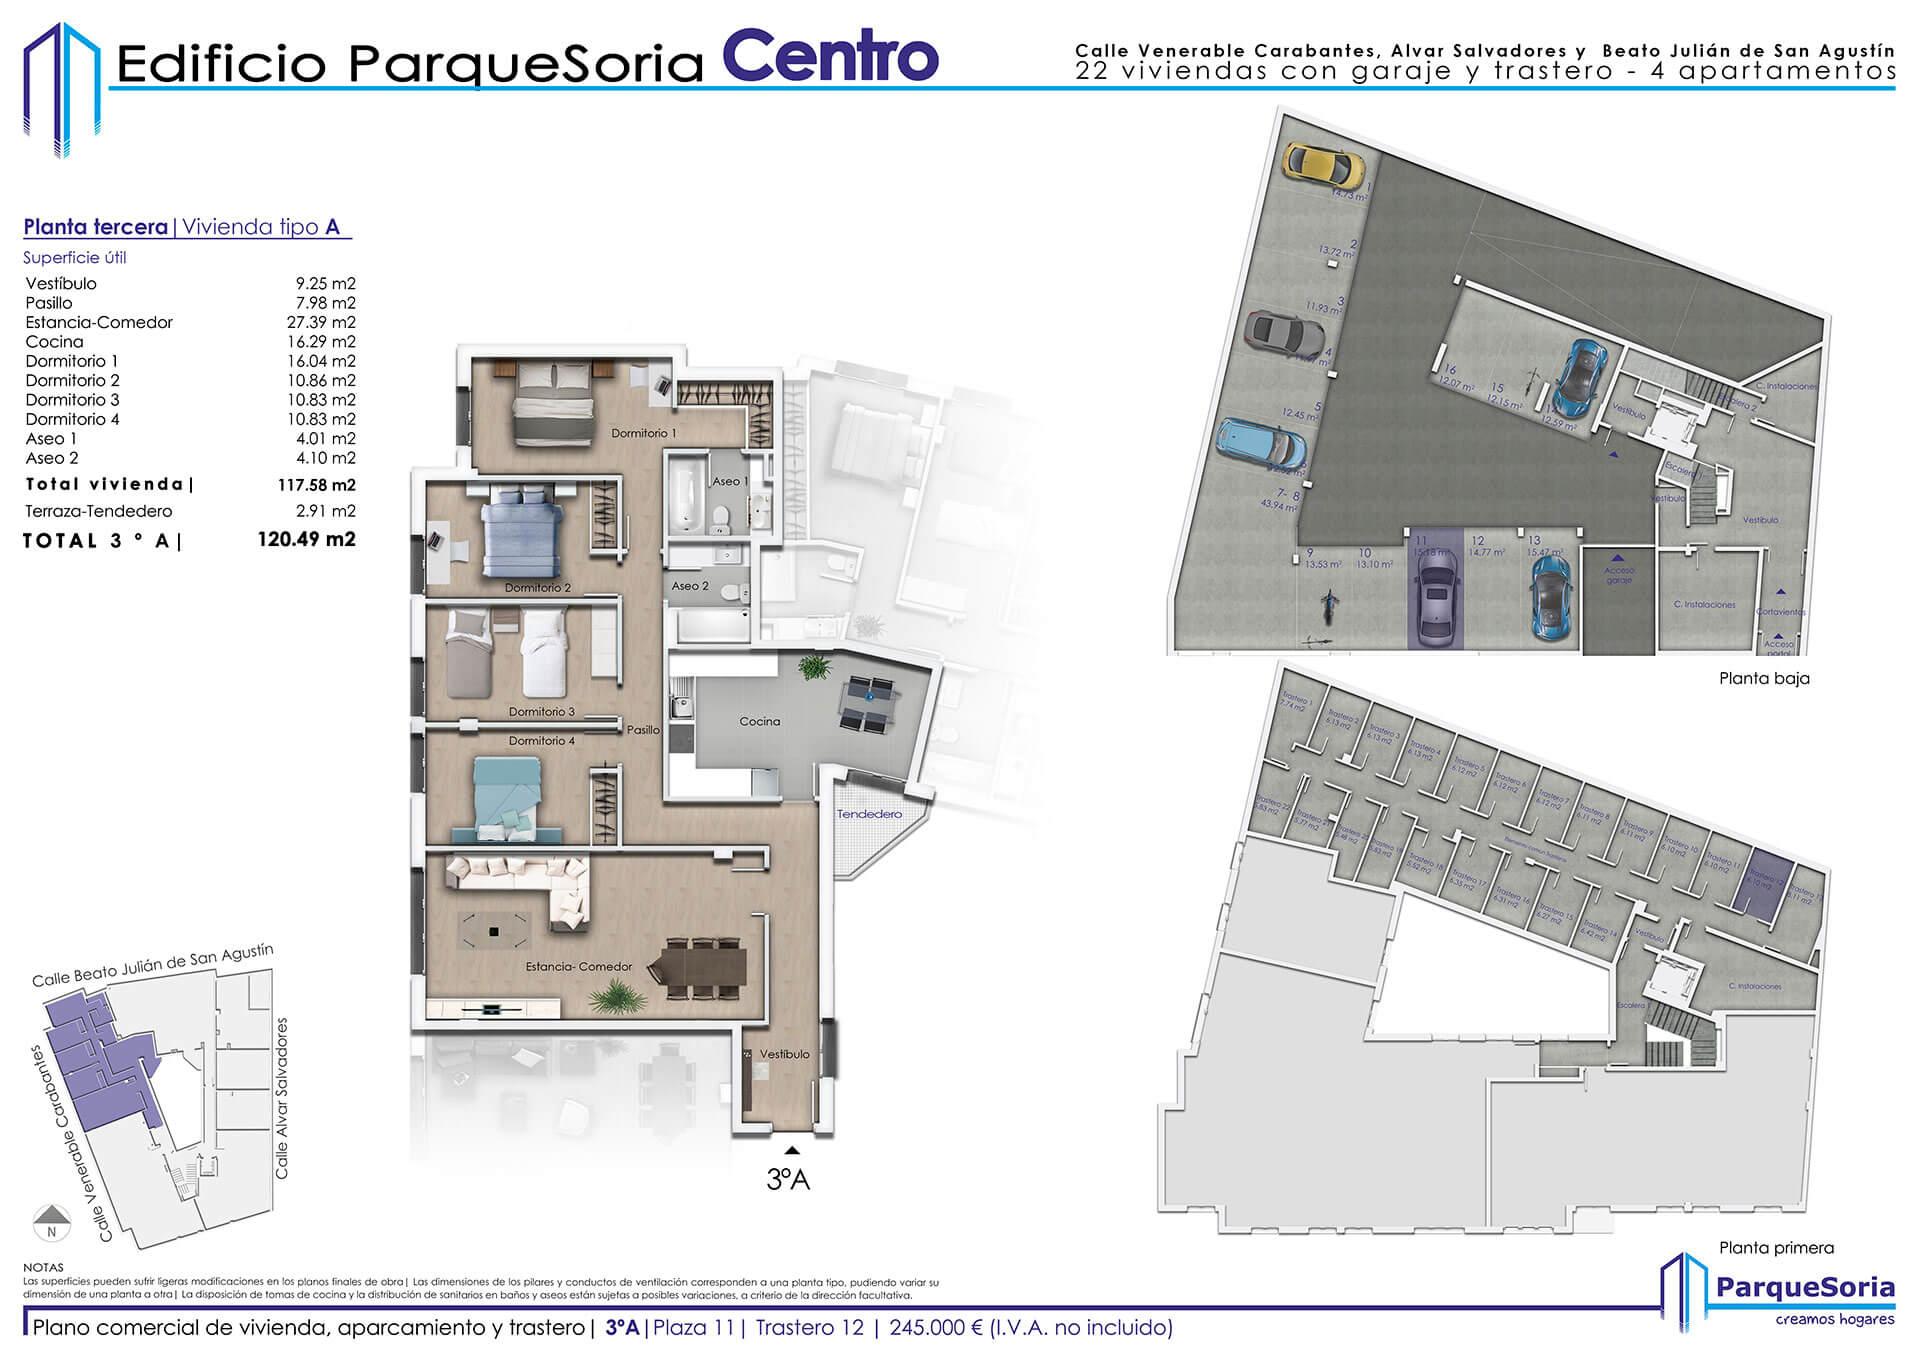 3A-ParqueSoria-Centro